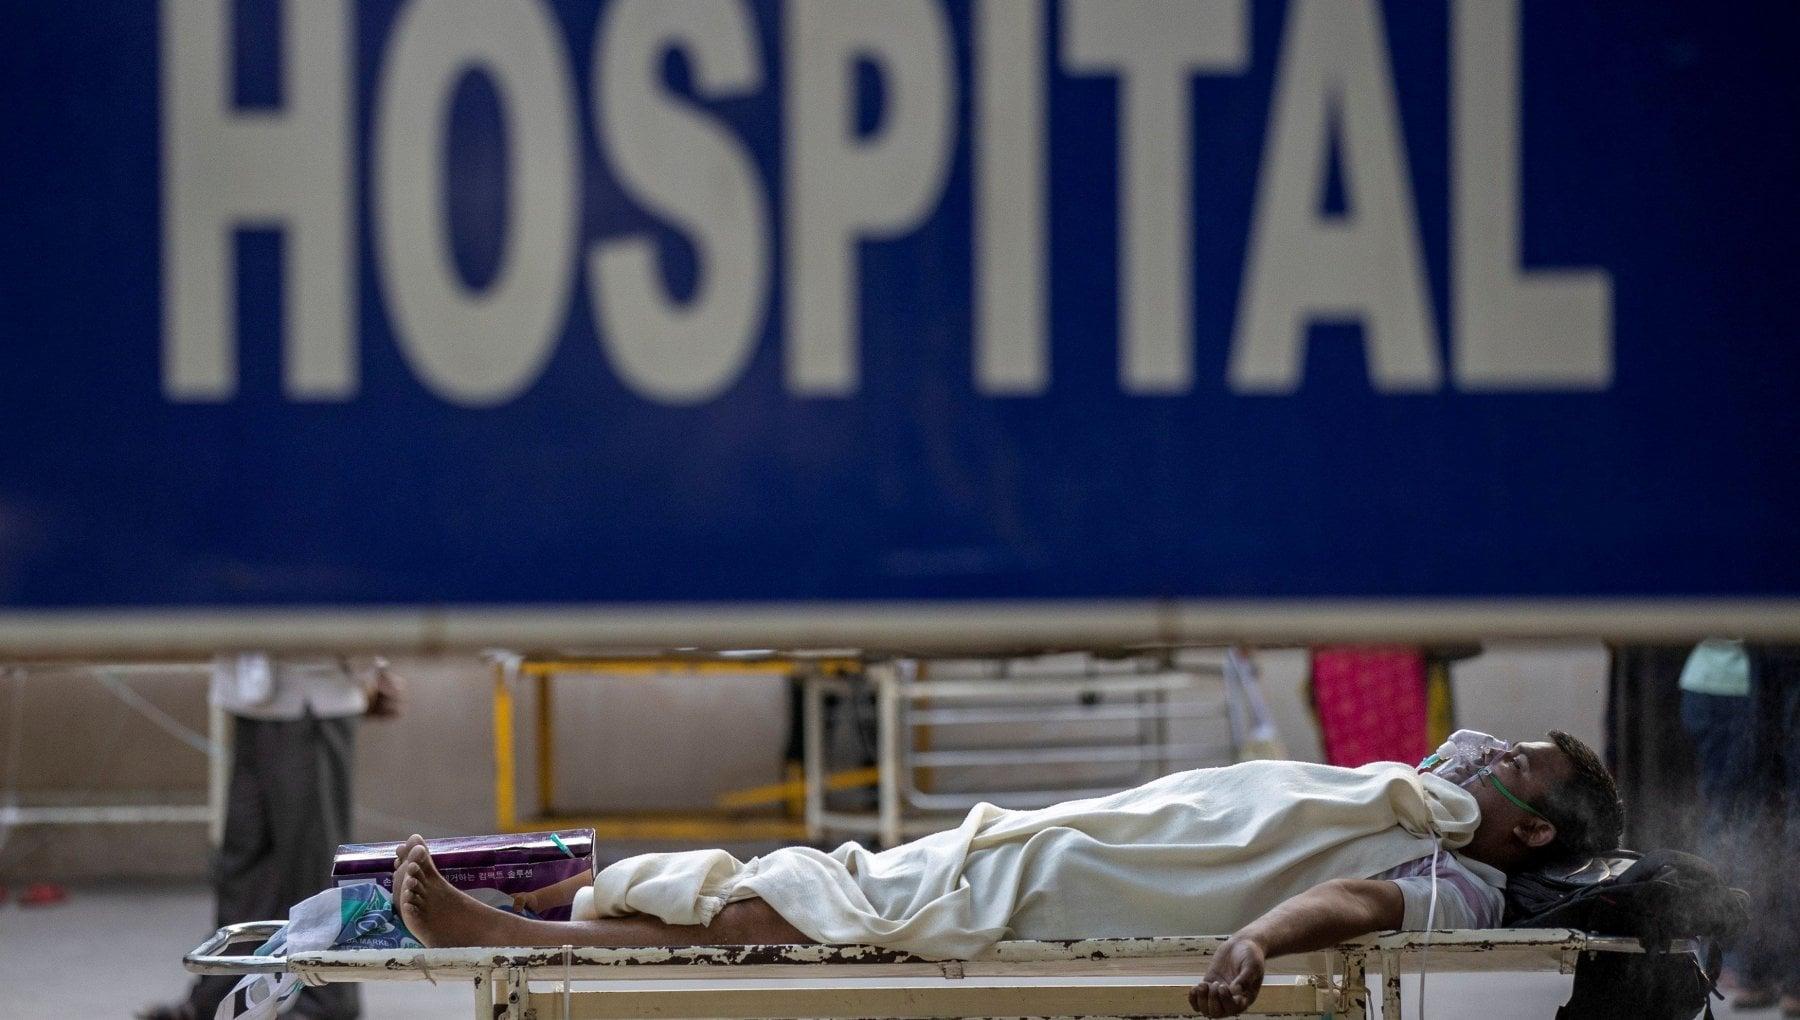 082452777 27870e39 c816 4055 9167 3d2902957ce5 - Coronavirus nel mondo: il dramma dell'India, quasi un milione di casi in 3 giorni